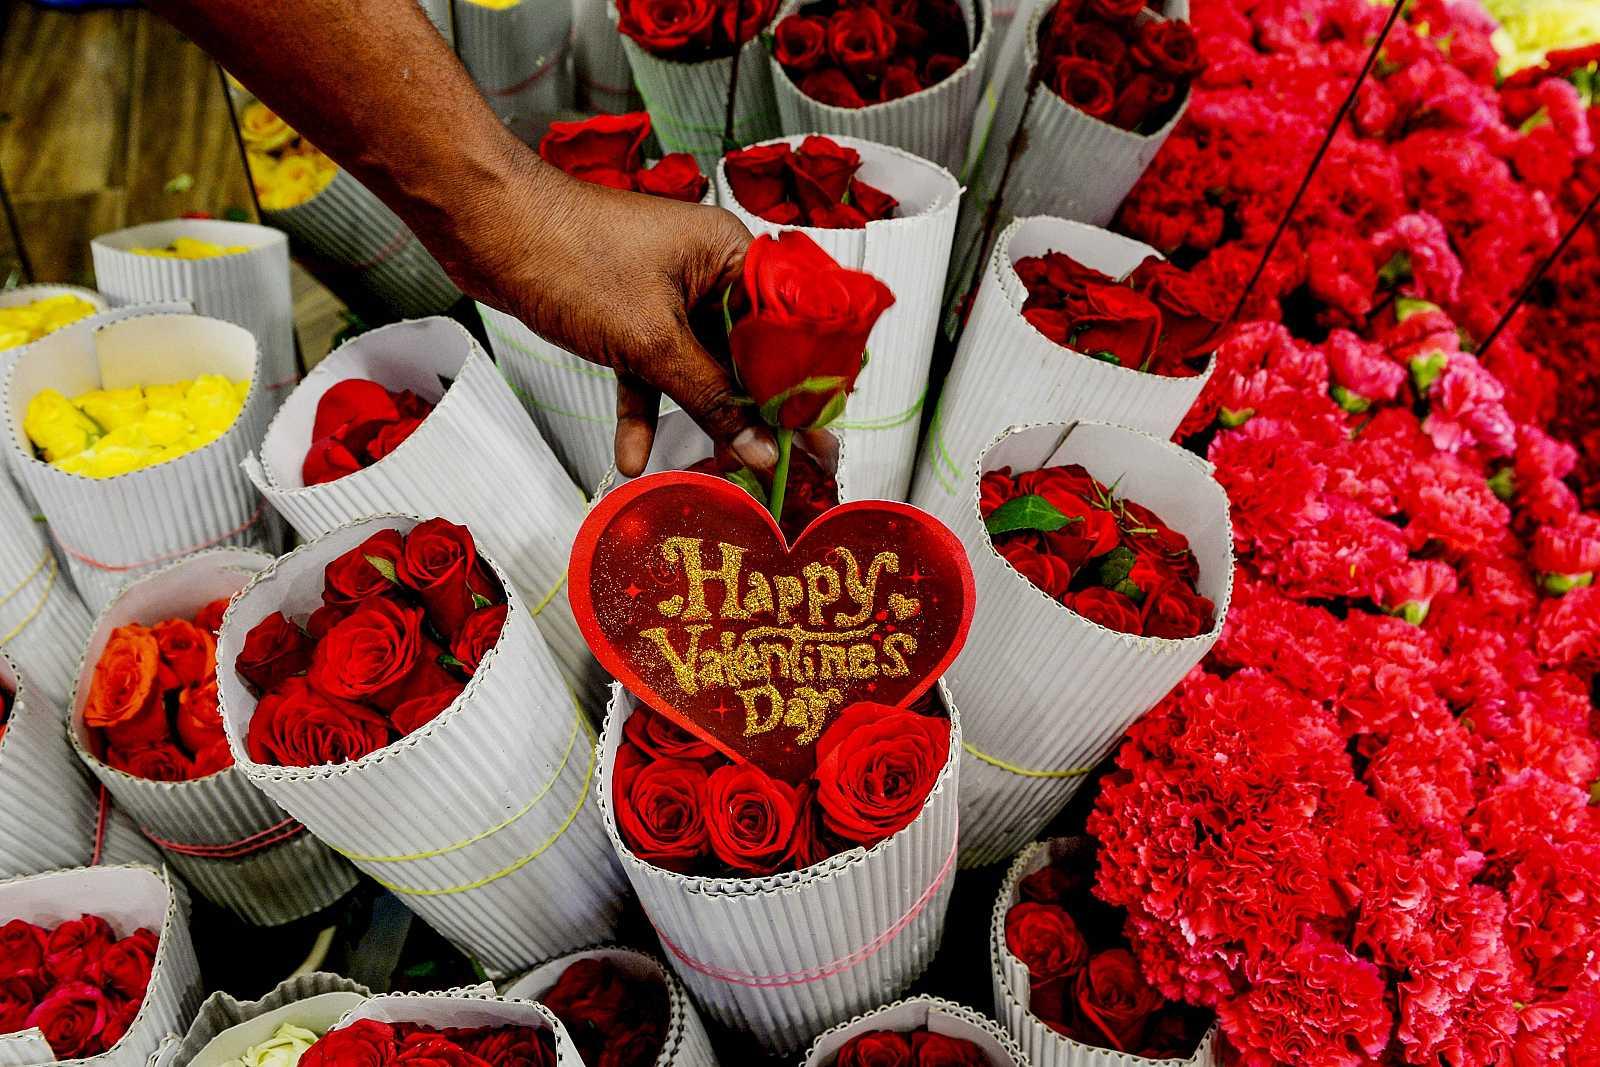 Una floristería llena de rosas rojas por el día de San Valentín